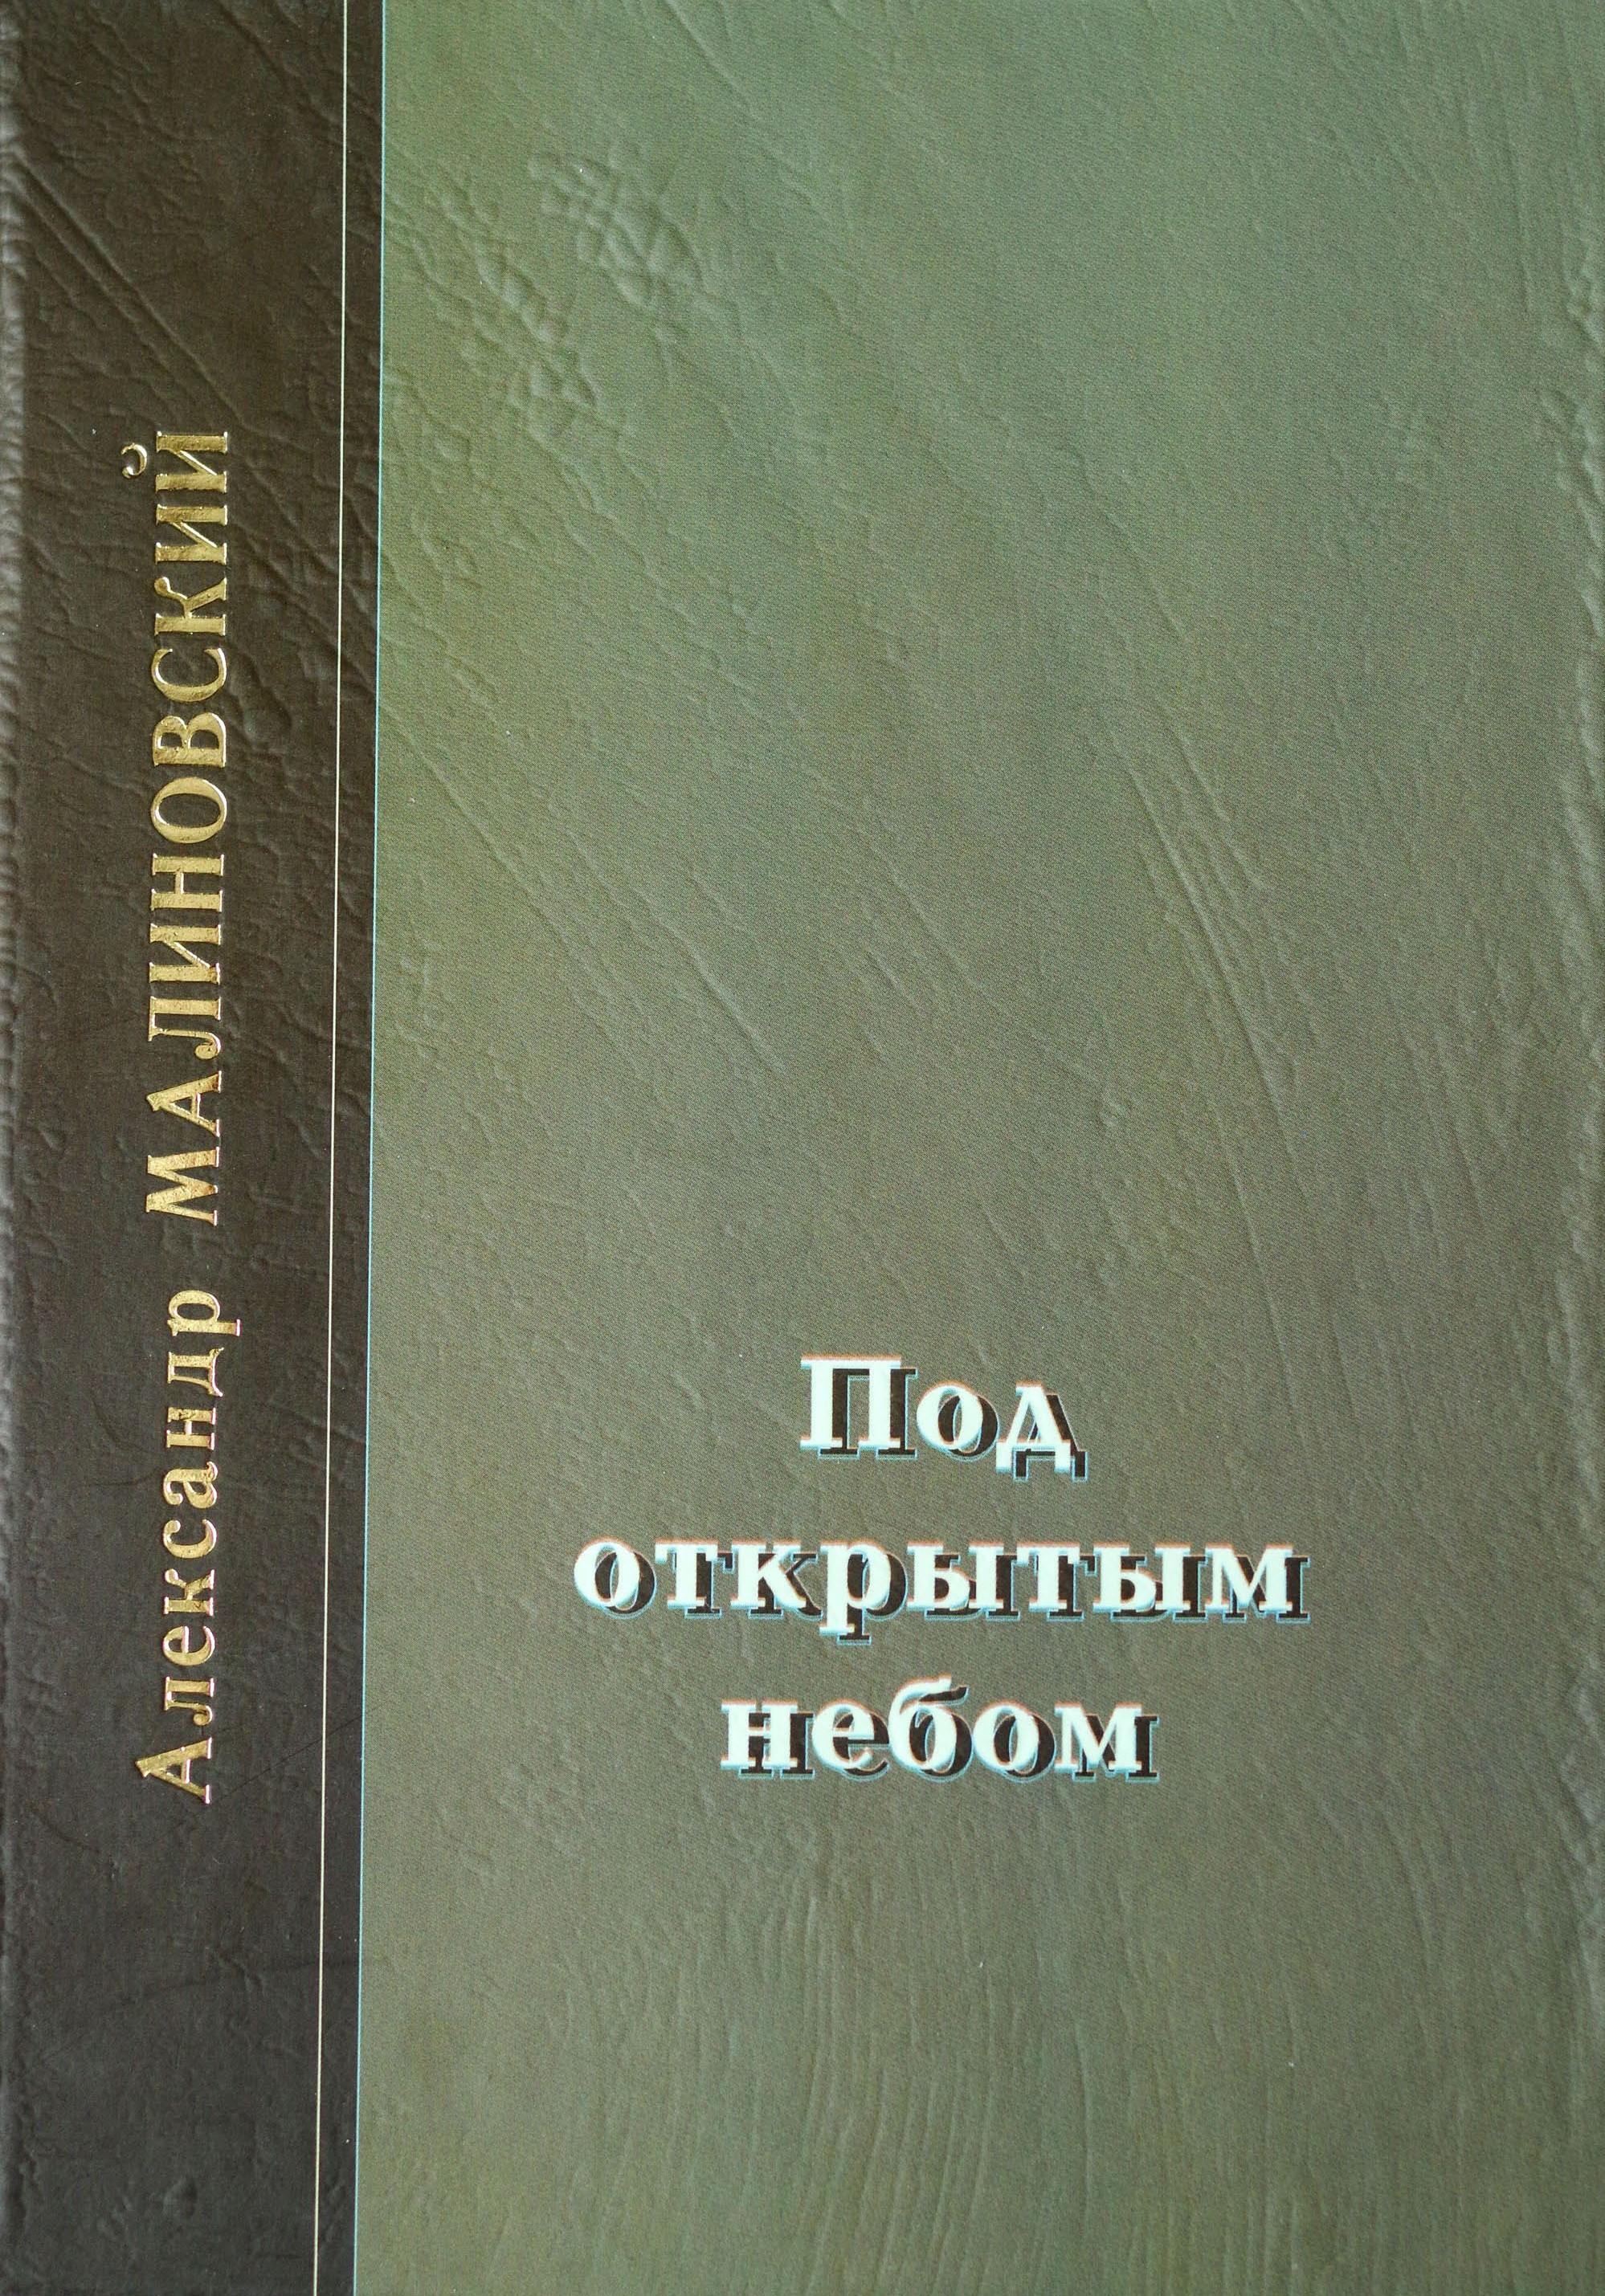 Под открытым небом. Проза в 2-х томах. Том 2